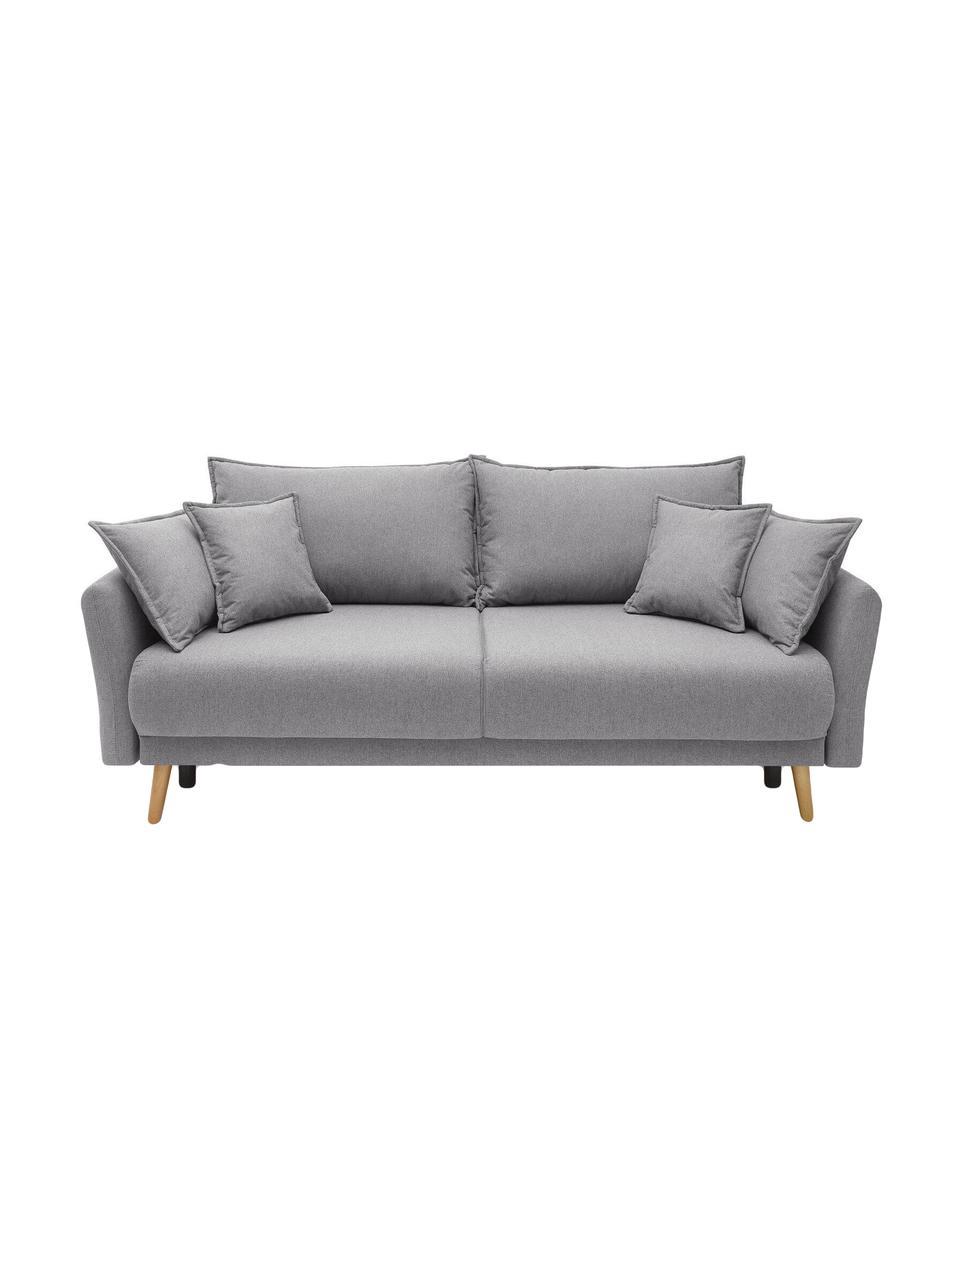 Sofa z funkcja spania i miejscem do przechowywania Mia (3-osobowa), Tapicerka: kaszmir, Nogi: drewno bukowe, Jasny szary, S 228 x G 102 cm